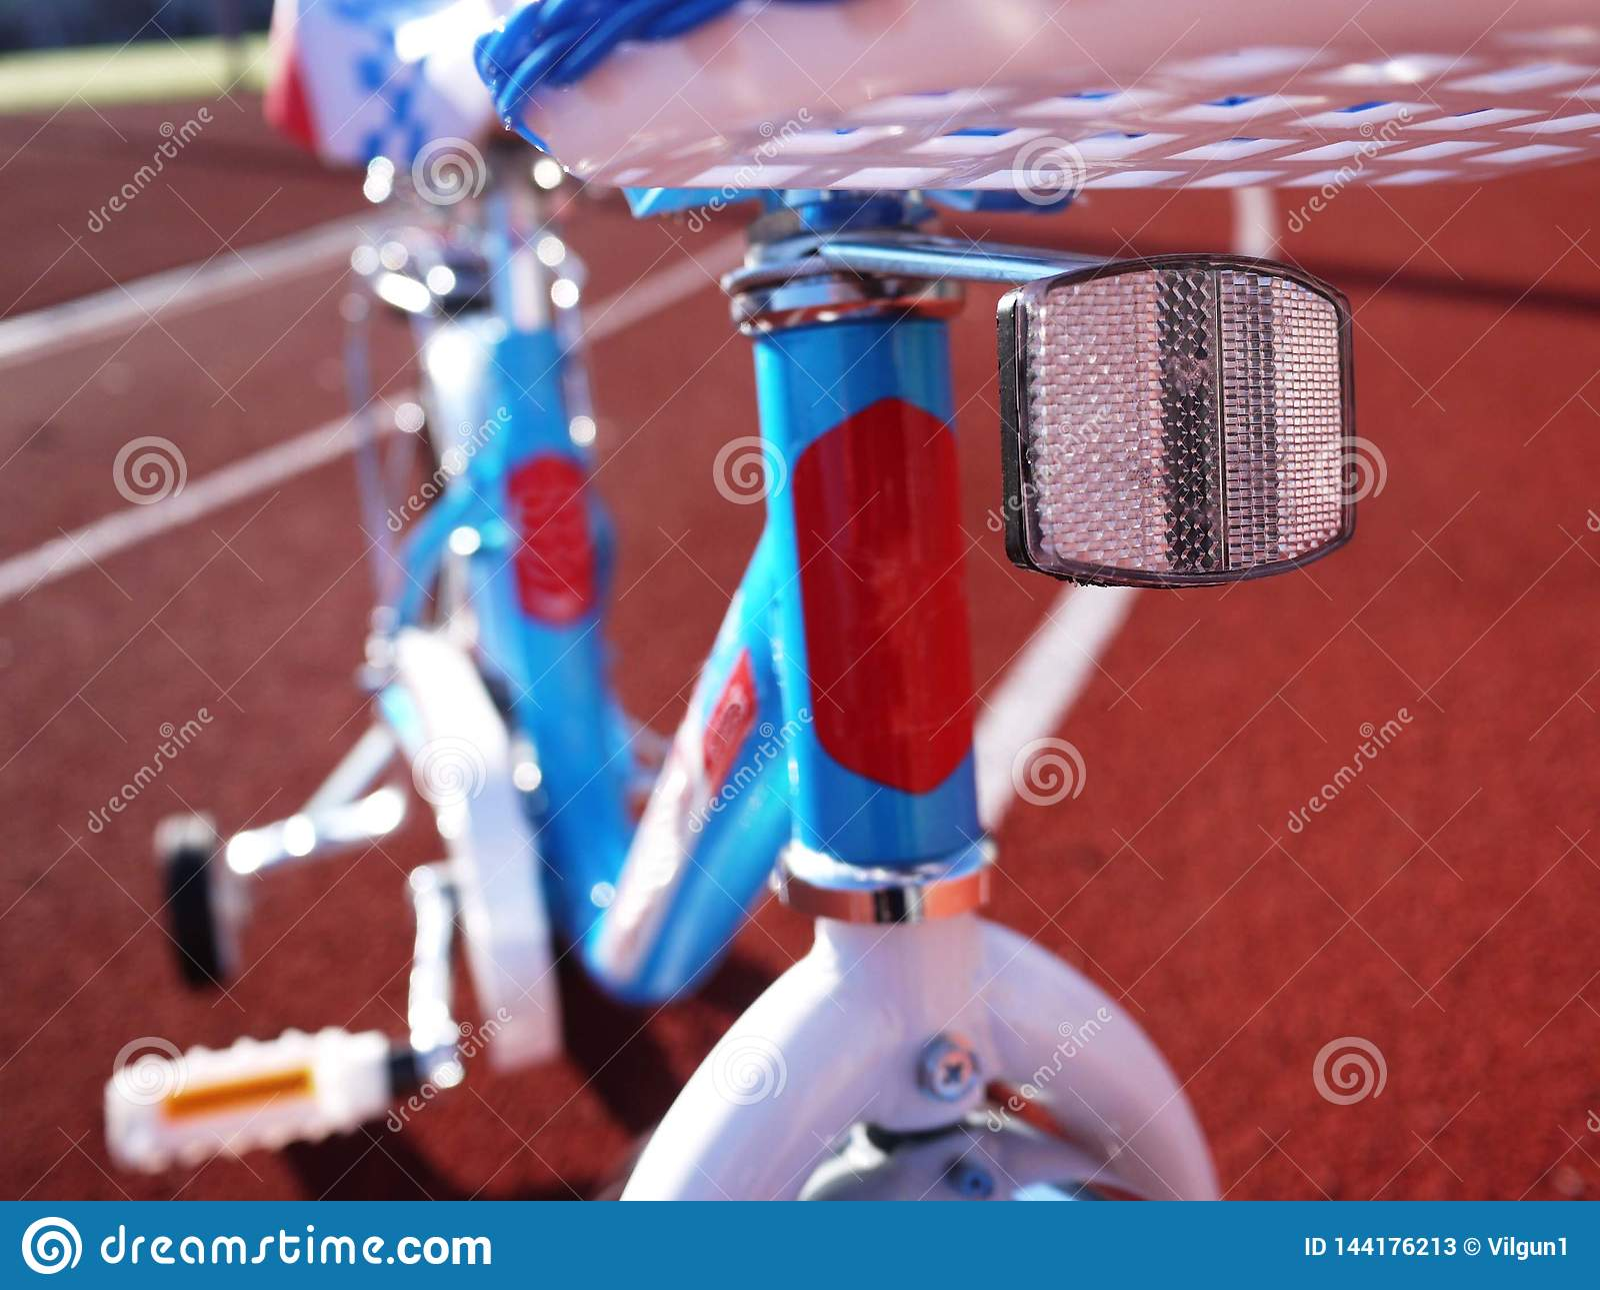 Das Fahrrad der Kinder mit drei Rädern, Rädchen kann entfernt werden